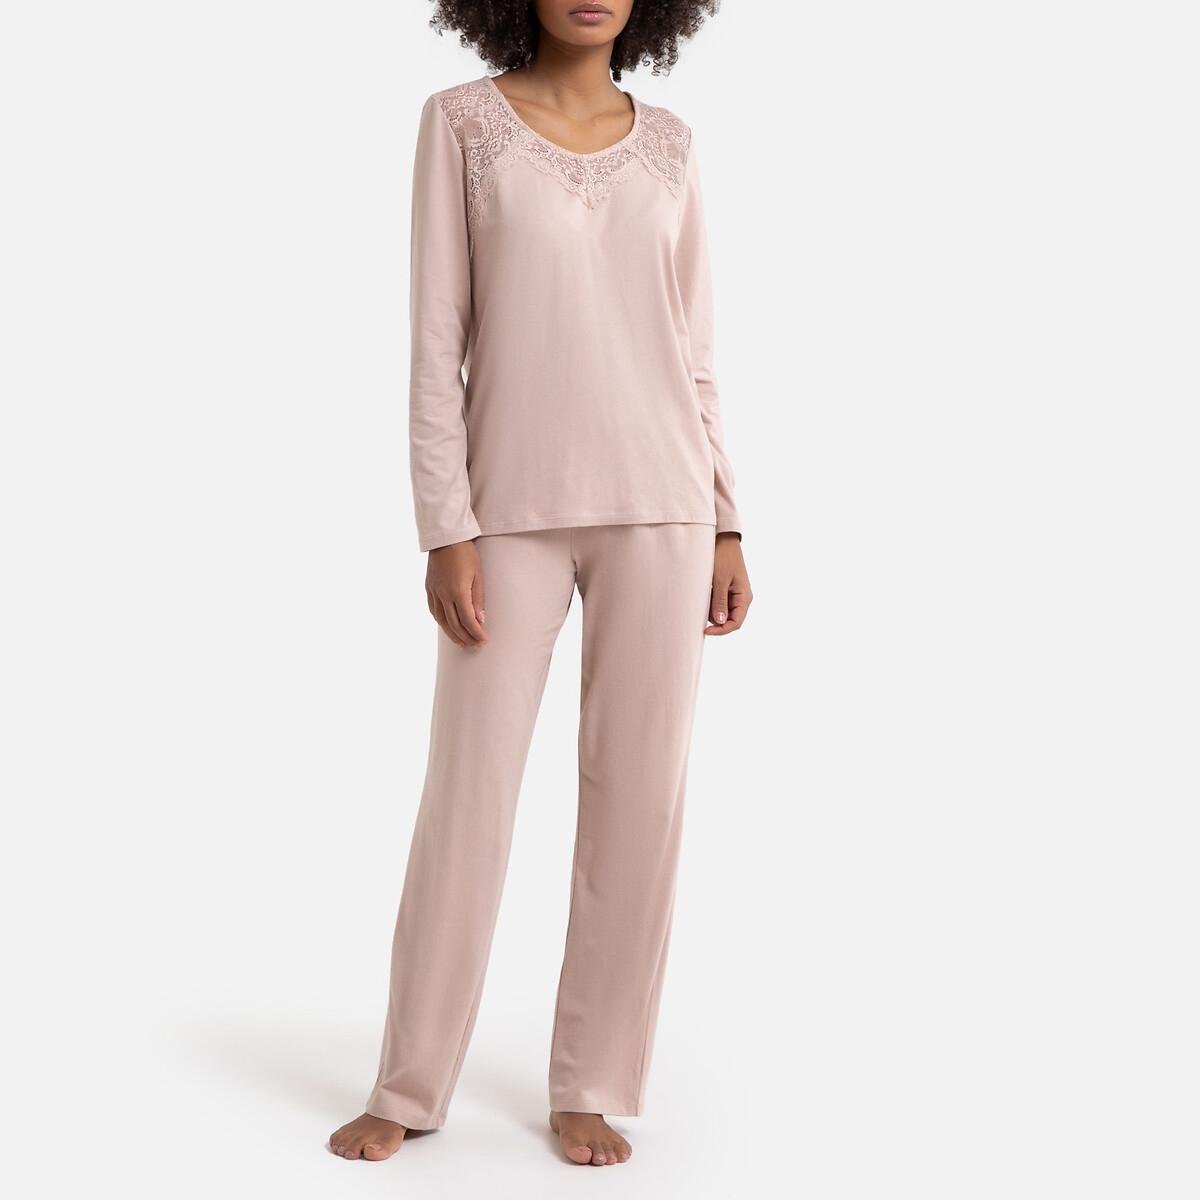 Pijama de modal y encaje